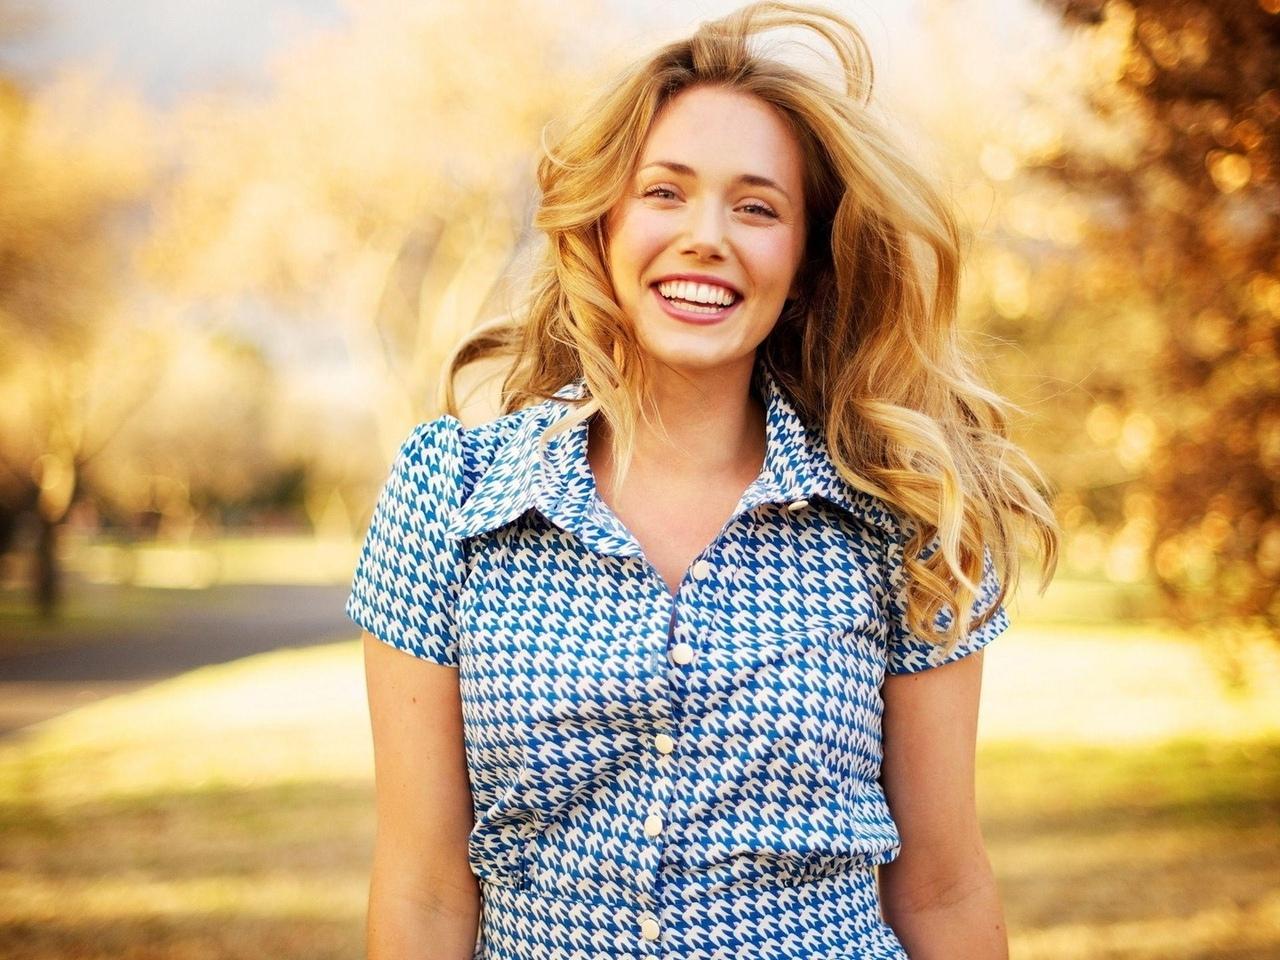 девушка, модель, позирует, улыбка, настроение